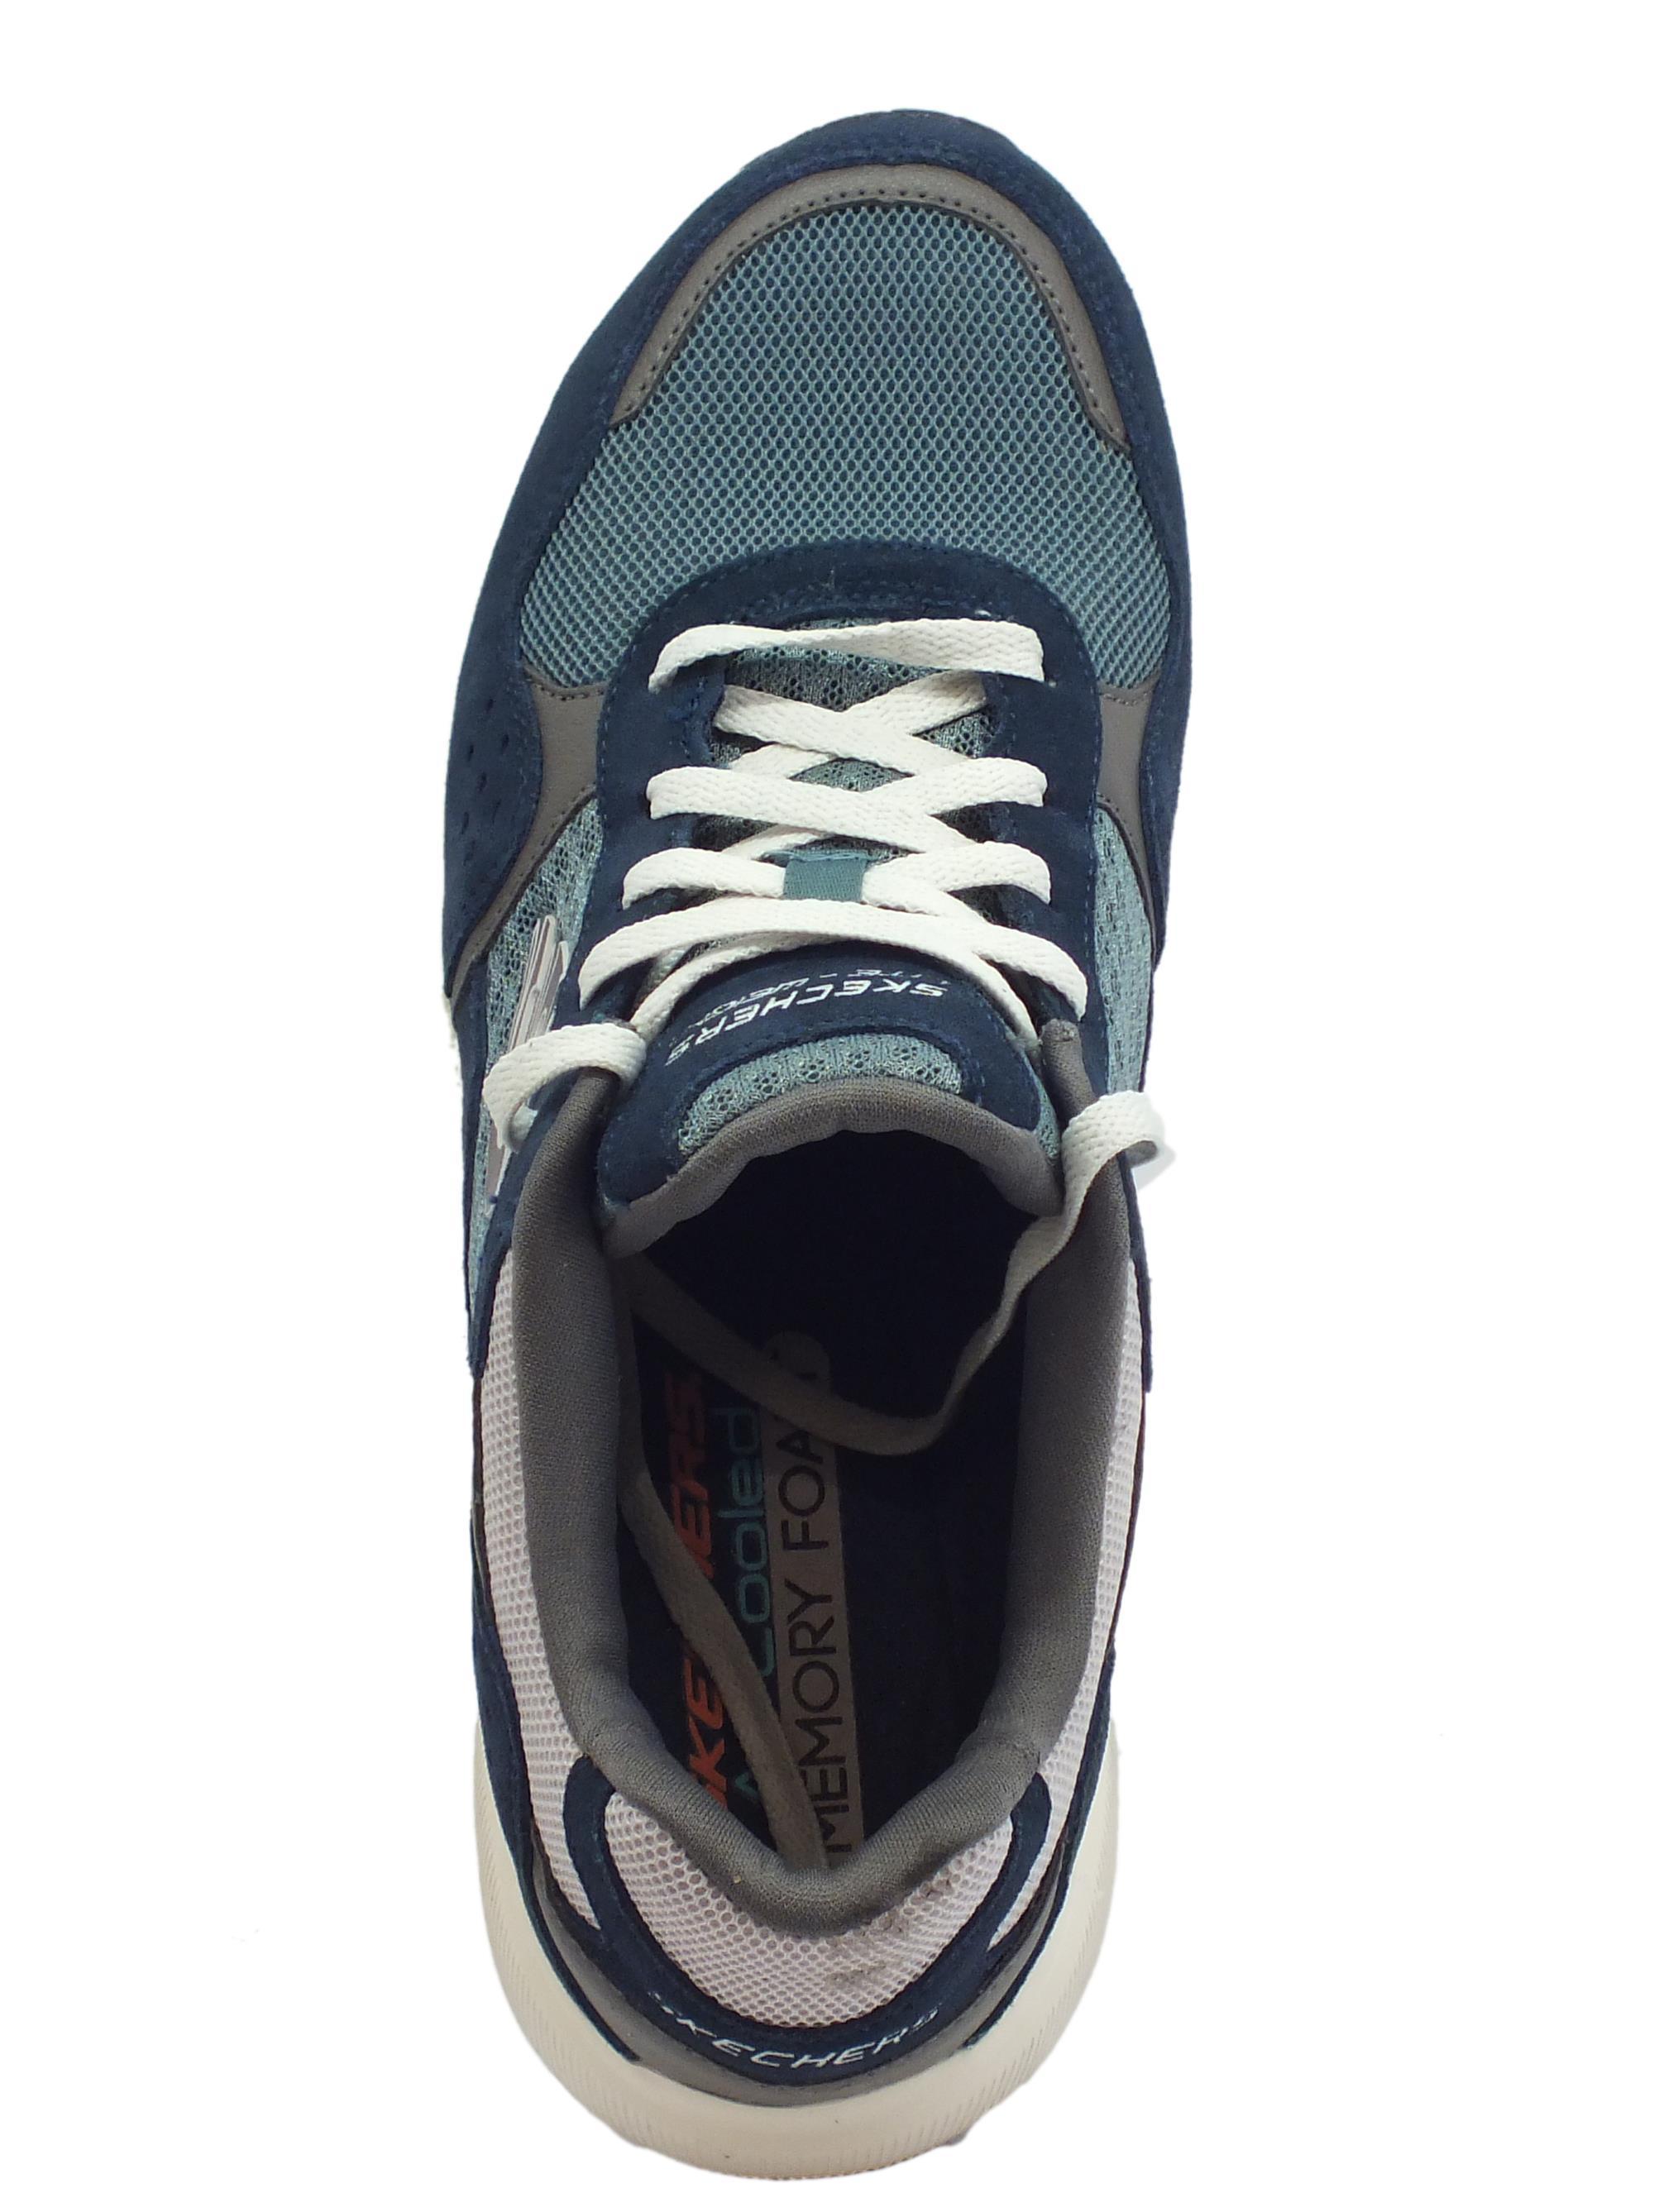 Skechers Meridian OstWall scarpe sportive uomo in pelle e tessuto blu